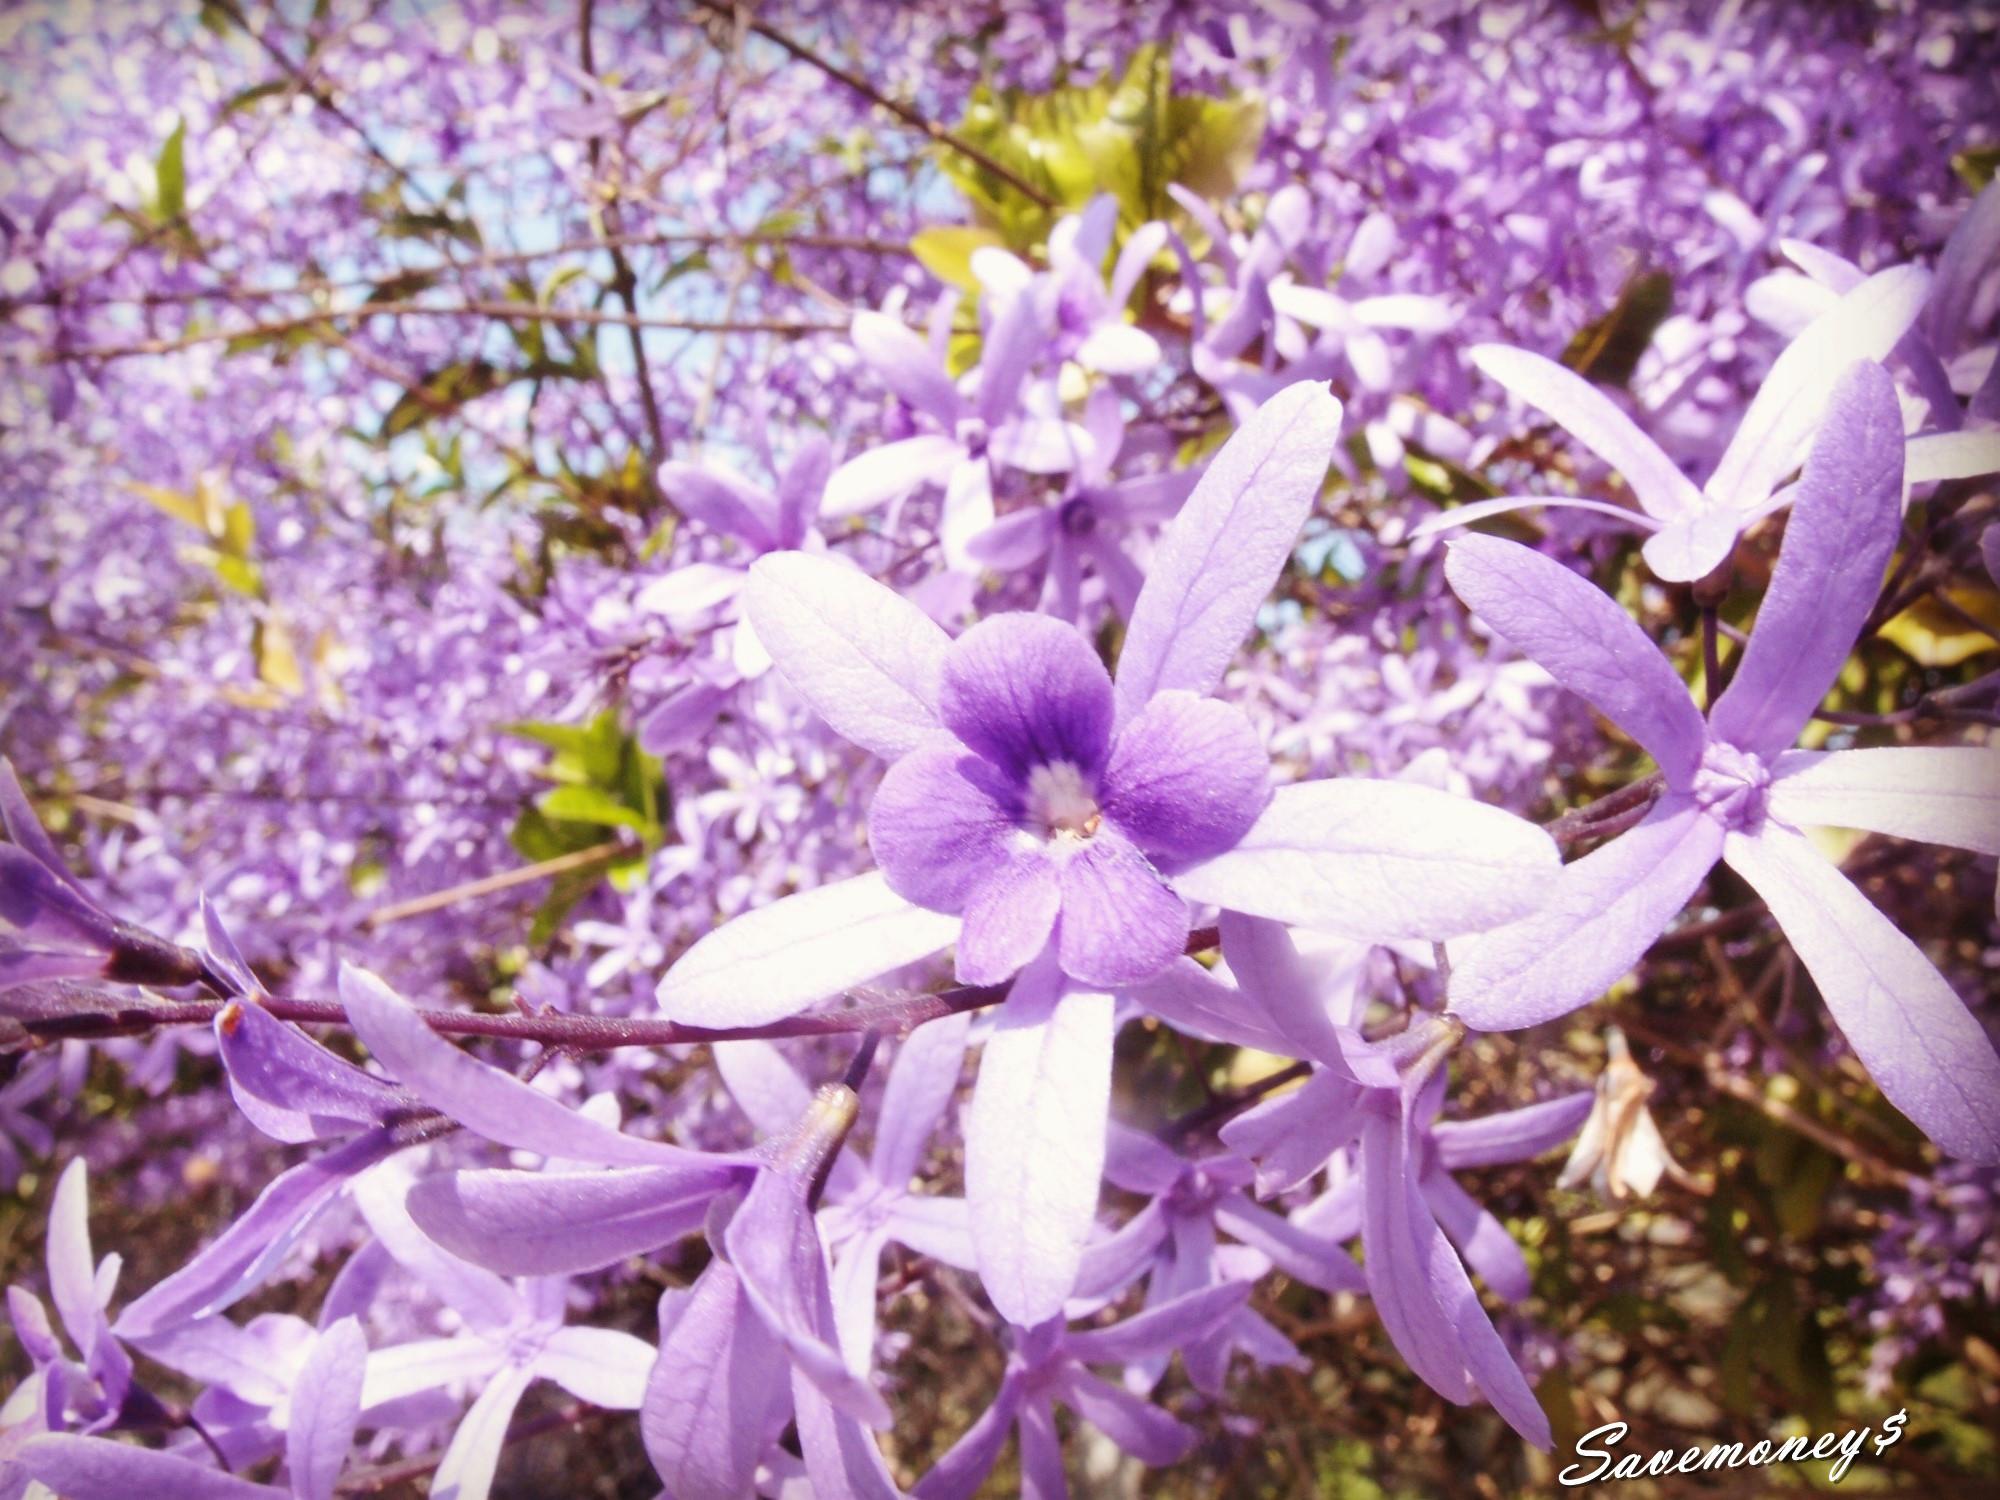 ▲▼  夢幻「紫爆」!南投錫葉藤紫花秘境 滿開花牆免費參觀(圖/省錢旅遊達人的便宜日記)